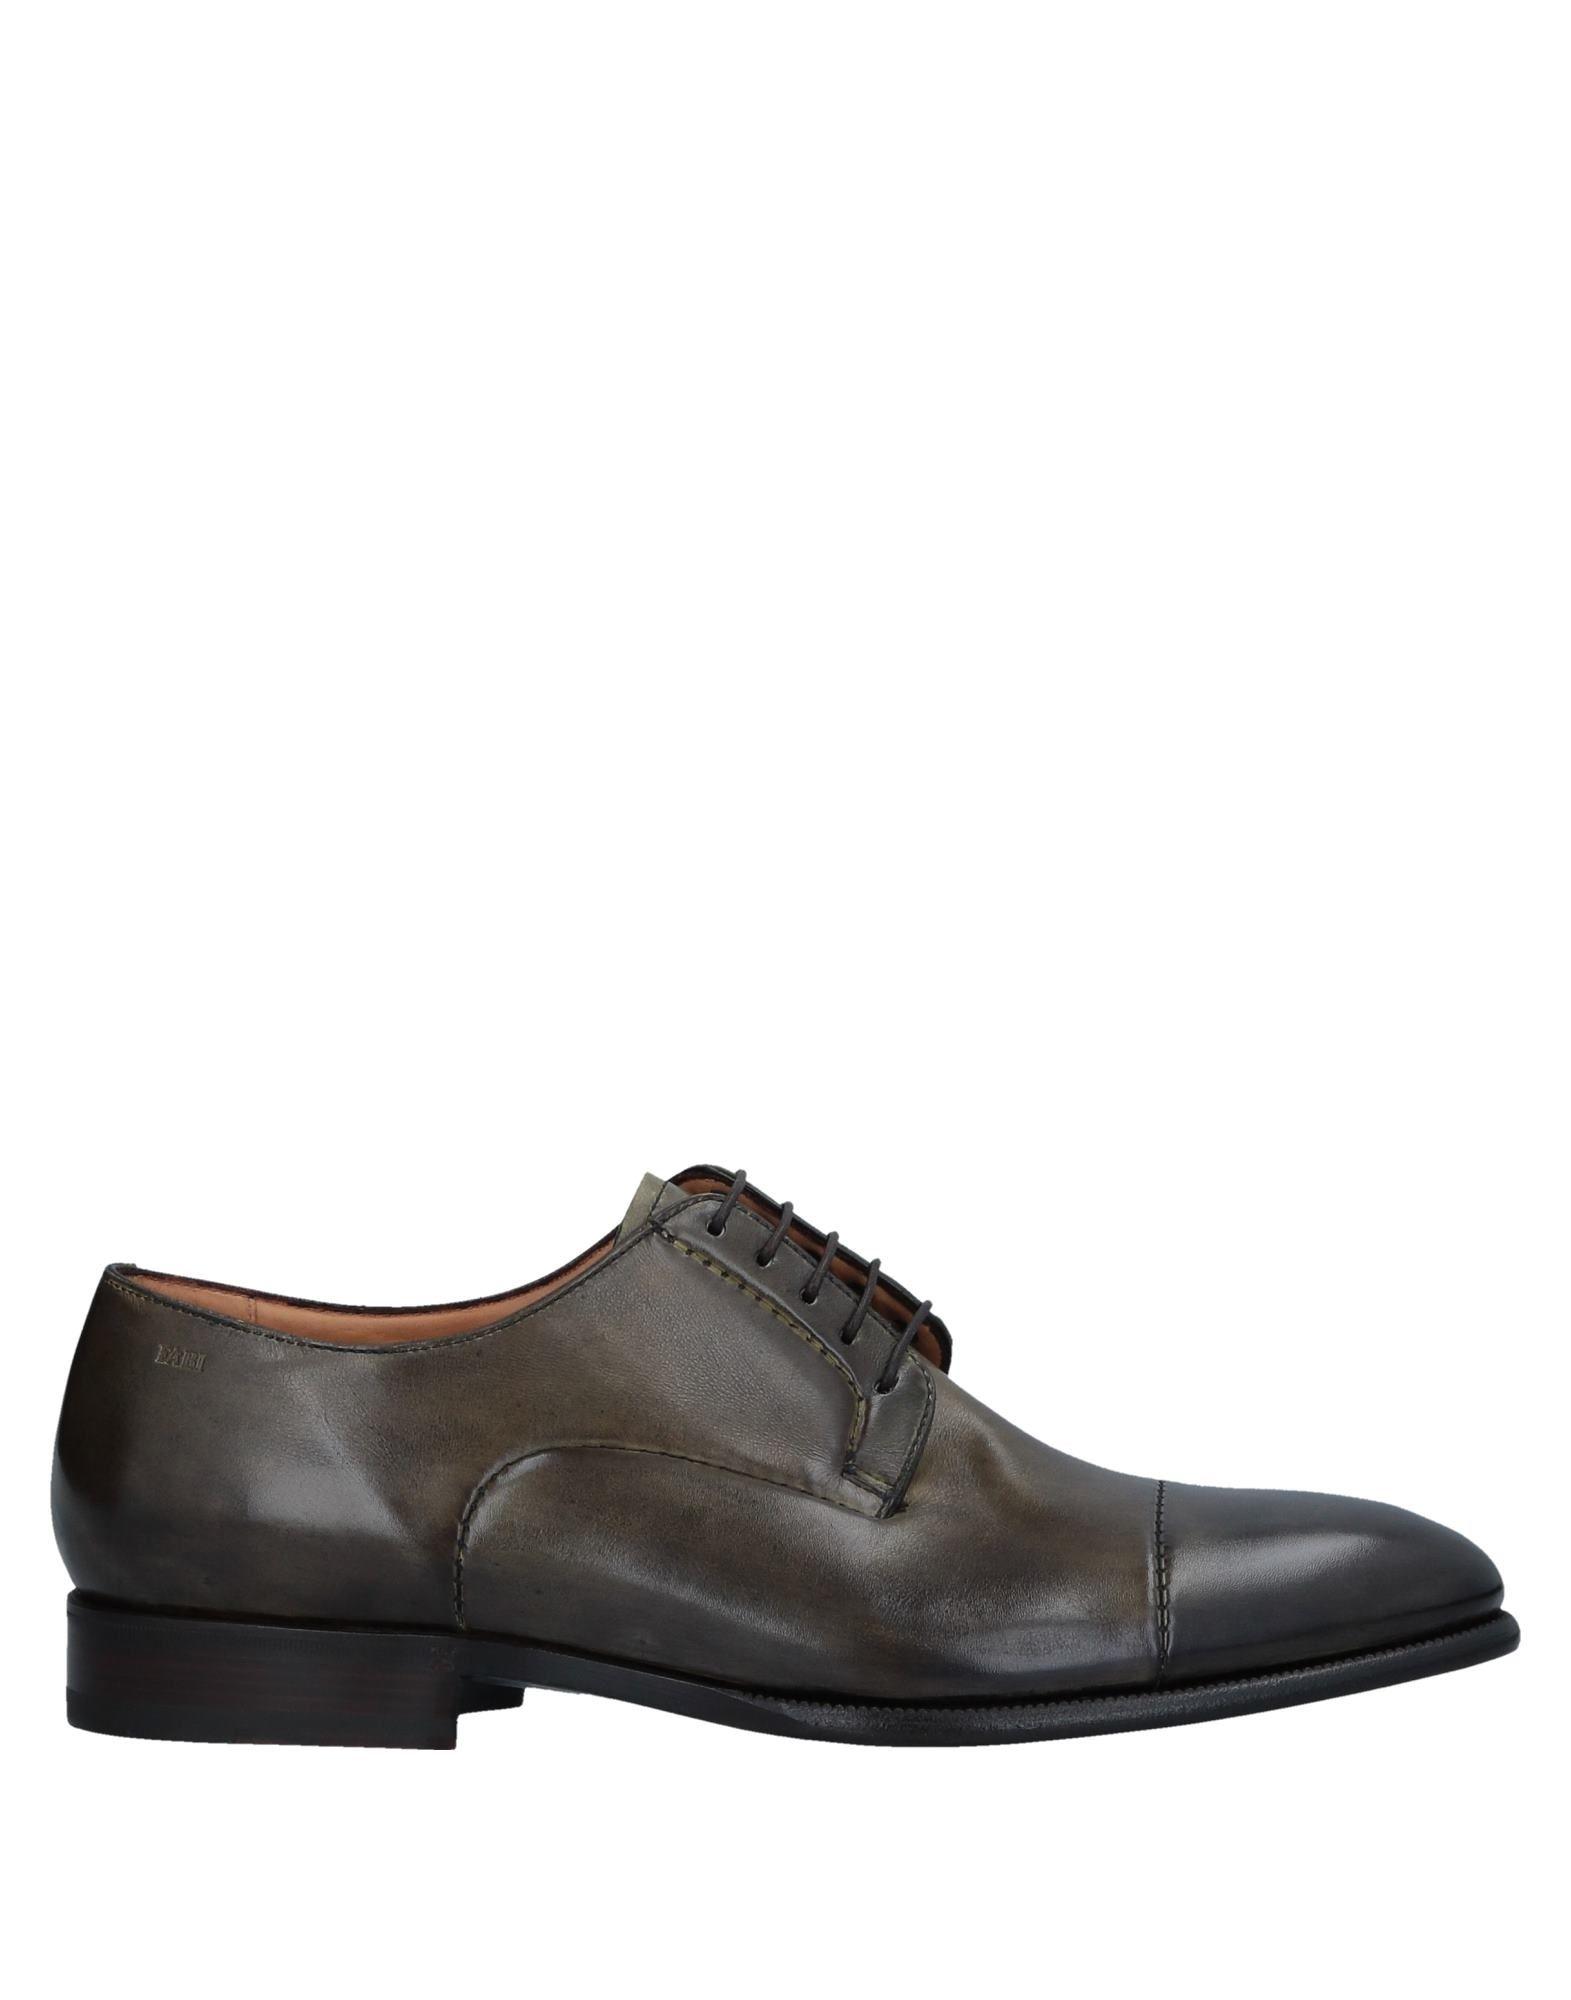 Fabi Schnürschuhe Herren  11532378LW Gute Qualität beliebte Schuhe